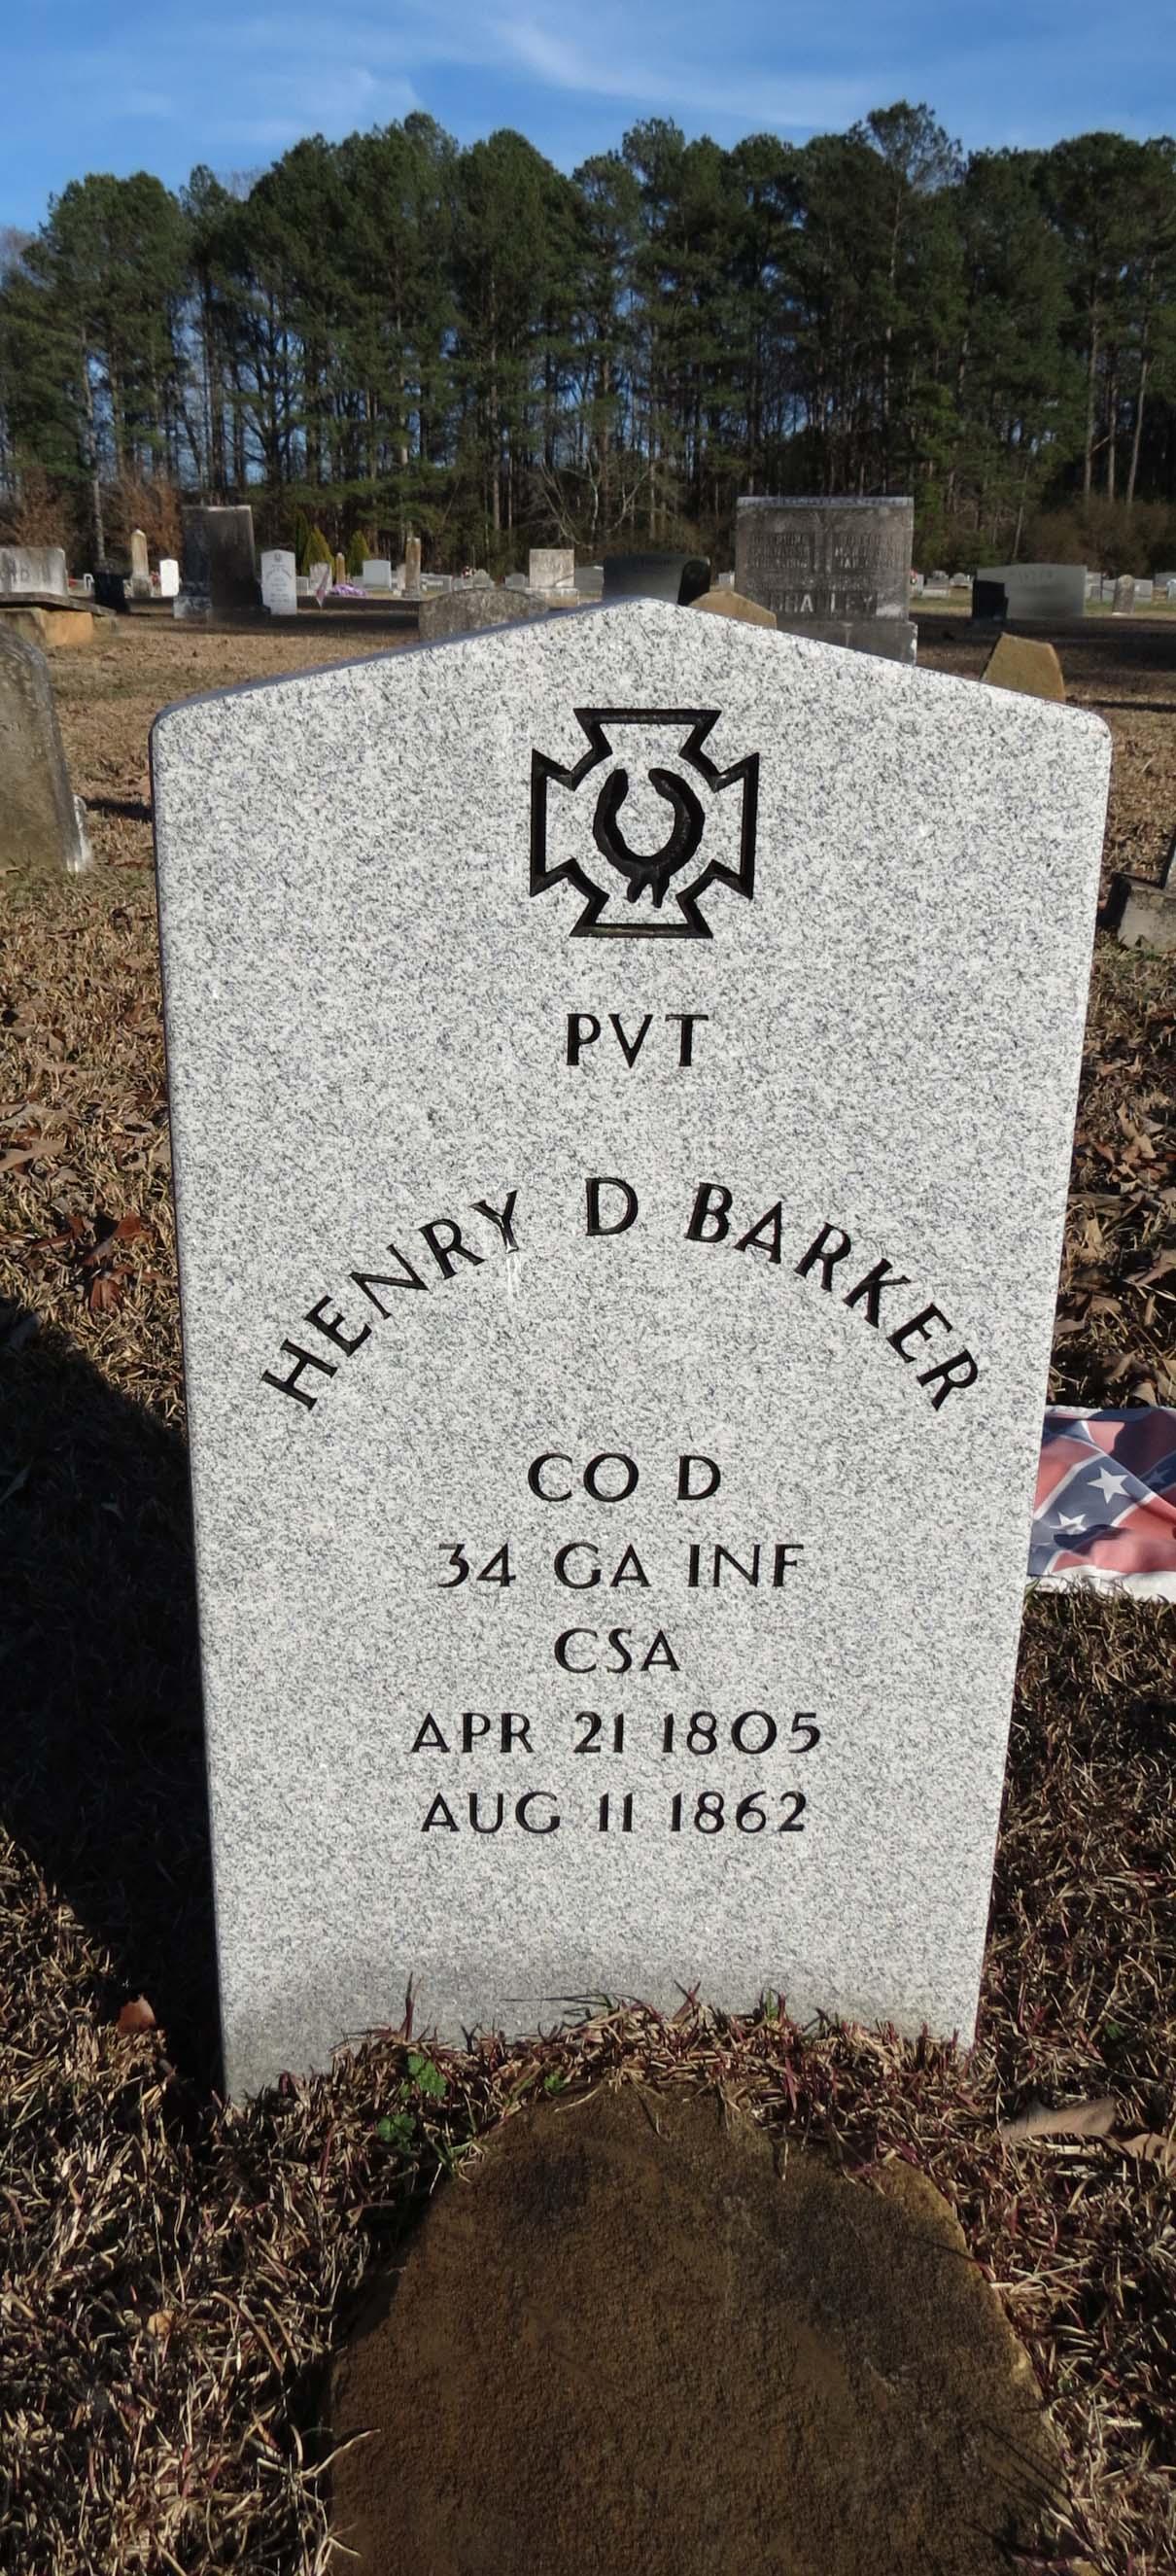 Henry D. Barker